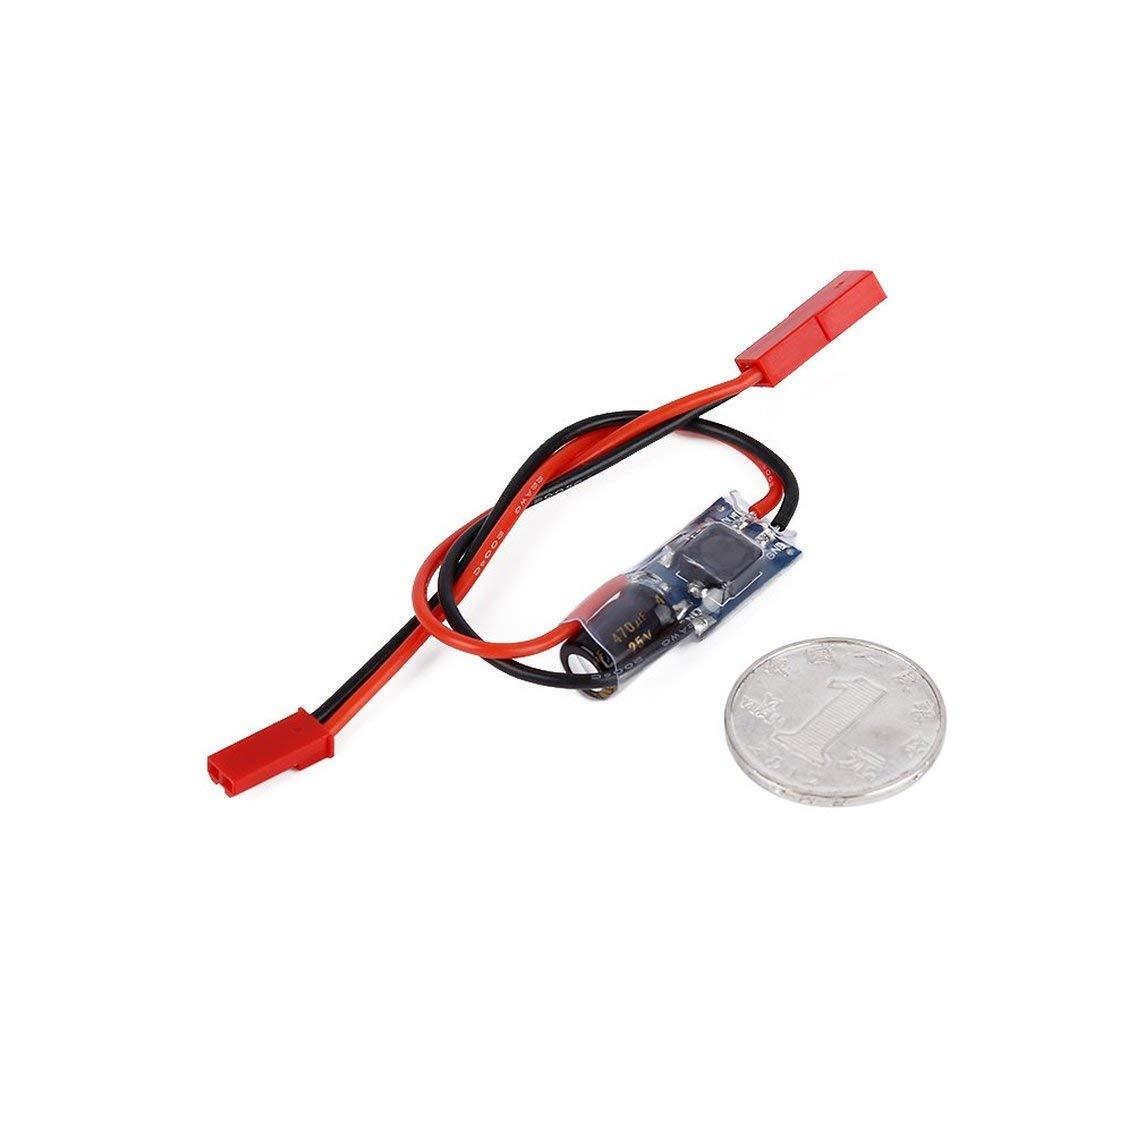 Footprintse Filtro de filtros de Lente de la cámara para dji Mavic Pro Drone Tamaño Compacto Paquete de 4 Colores: Color Gradual (Gris, Naranja, Azul